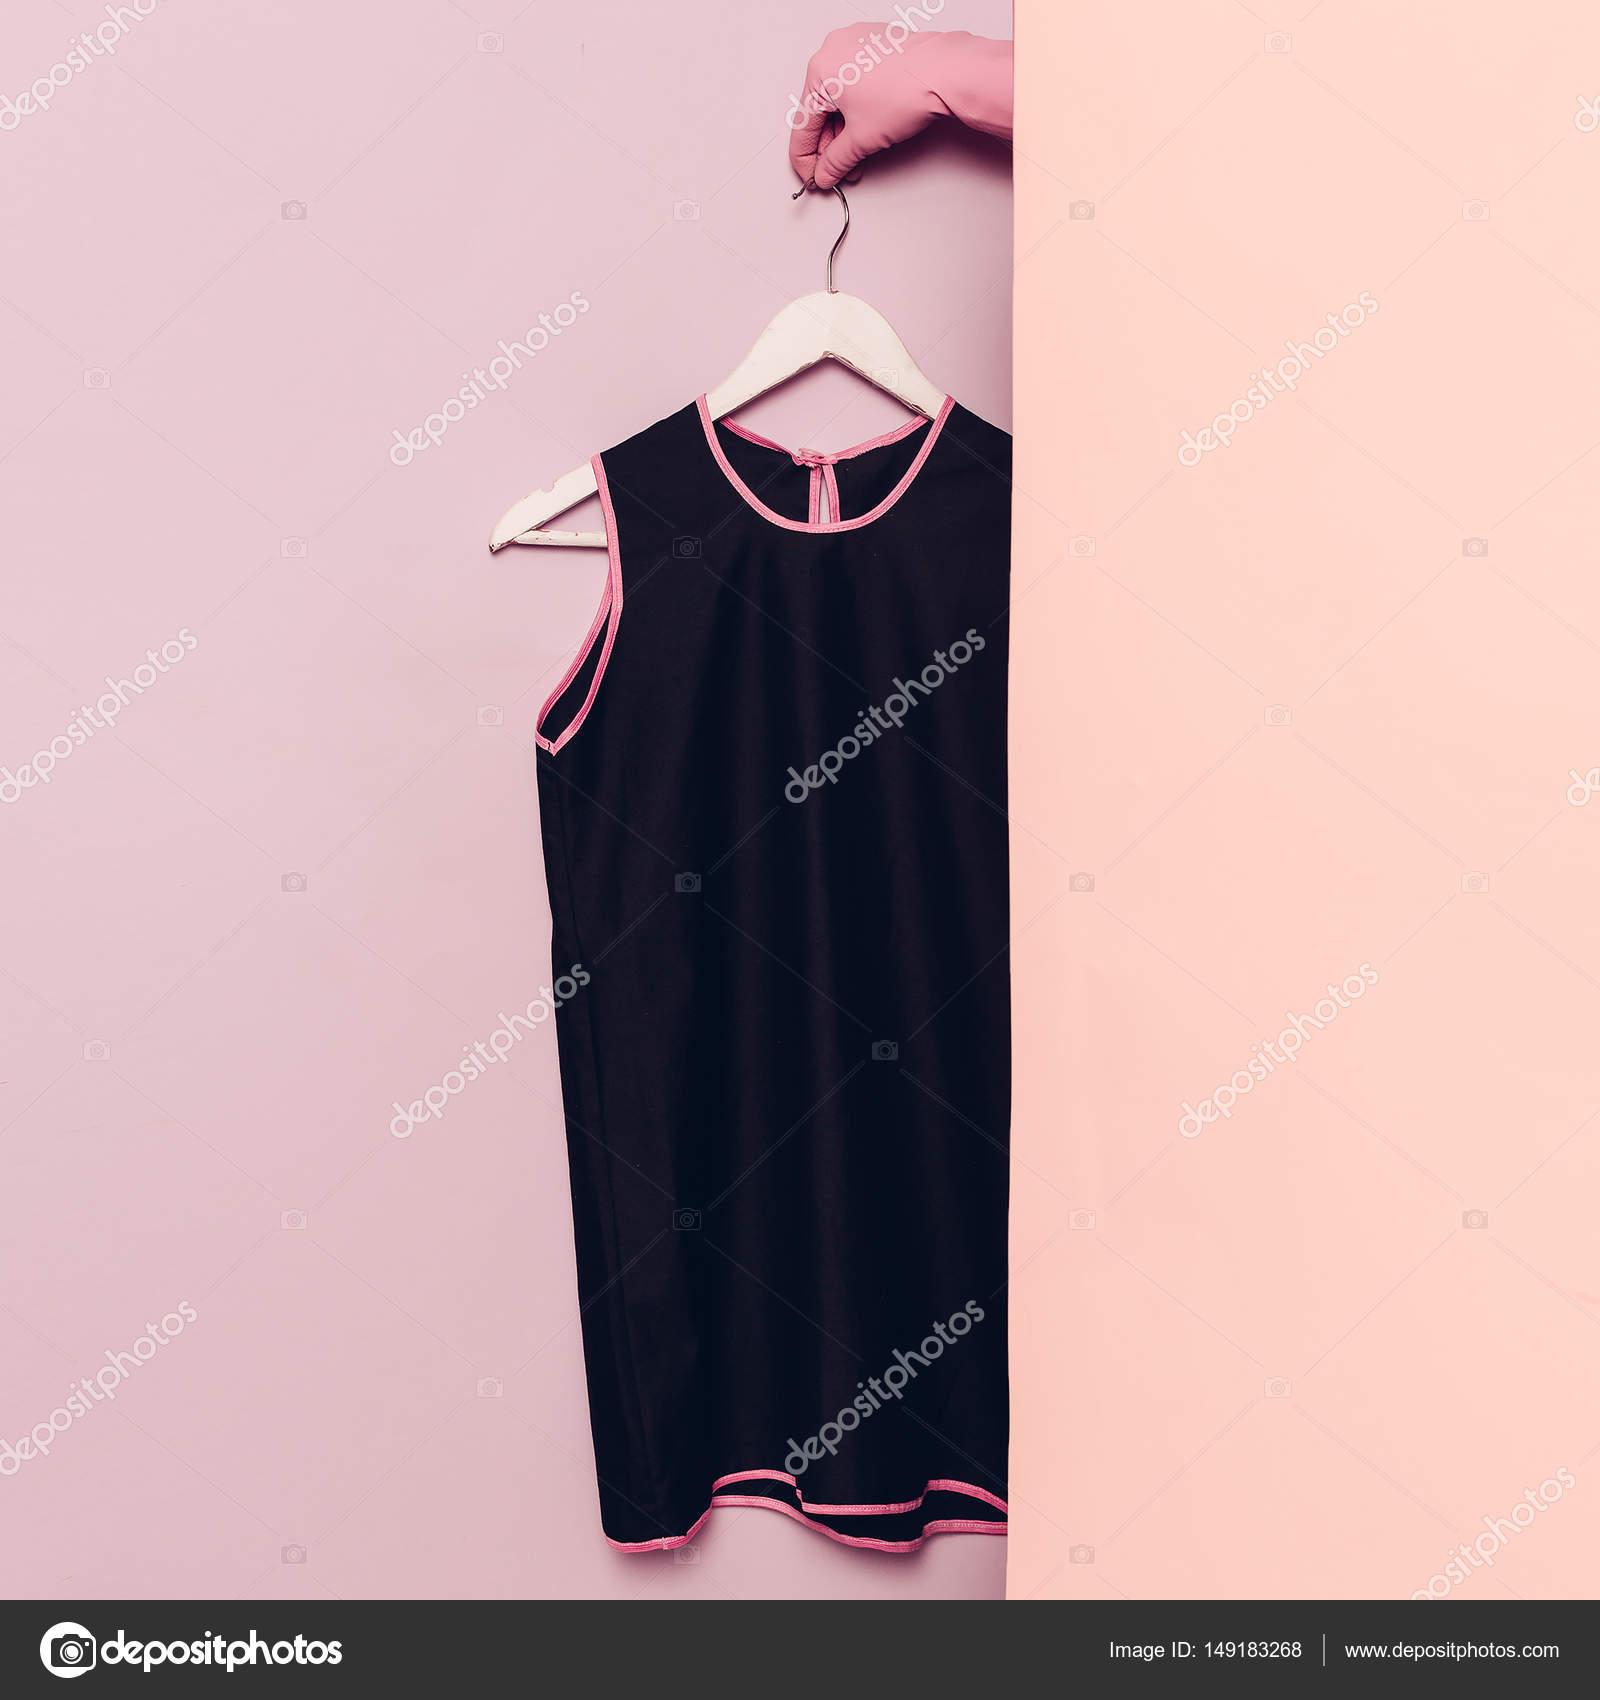 schwarzes sommerkleid. stilvolle kleidung. garderobe ideen trend